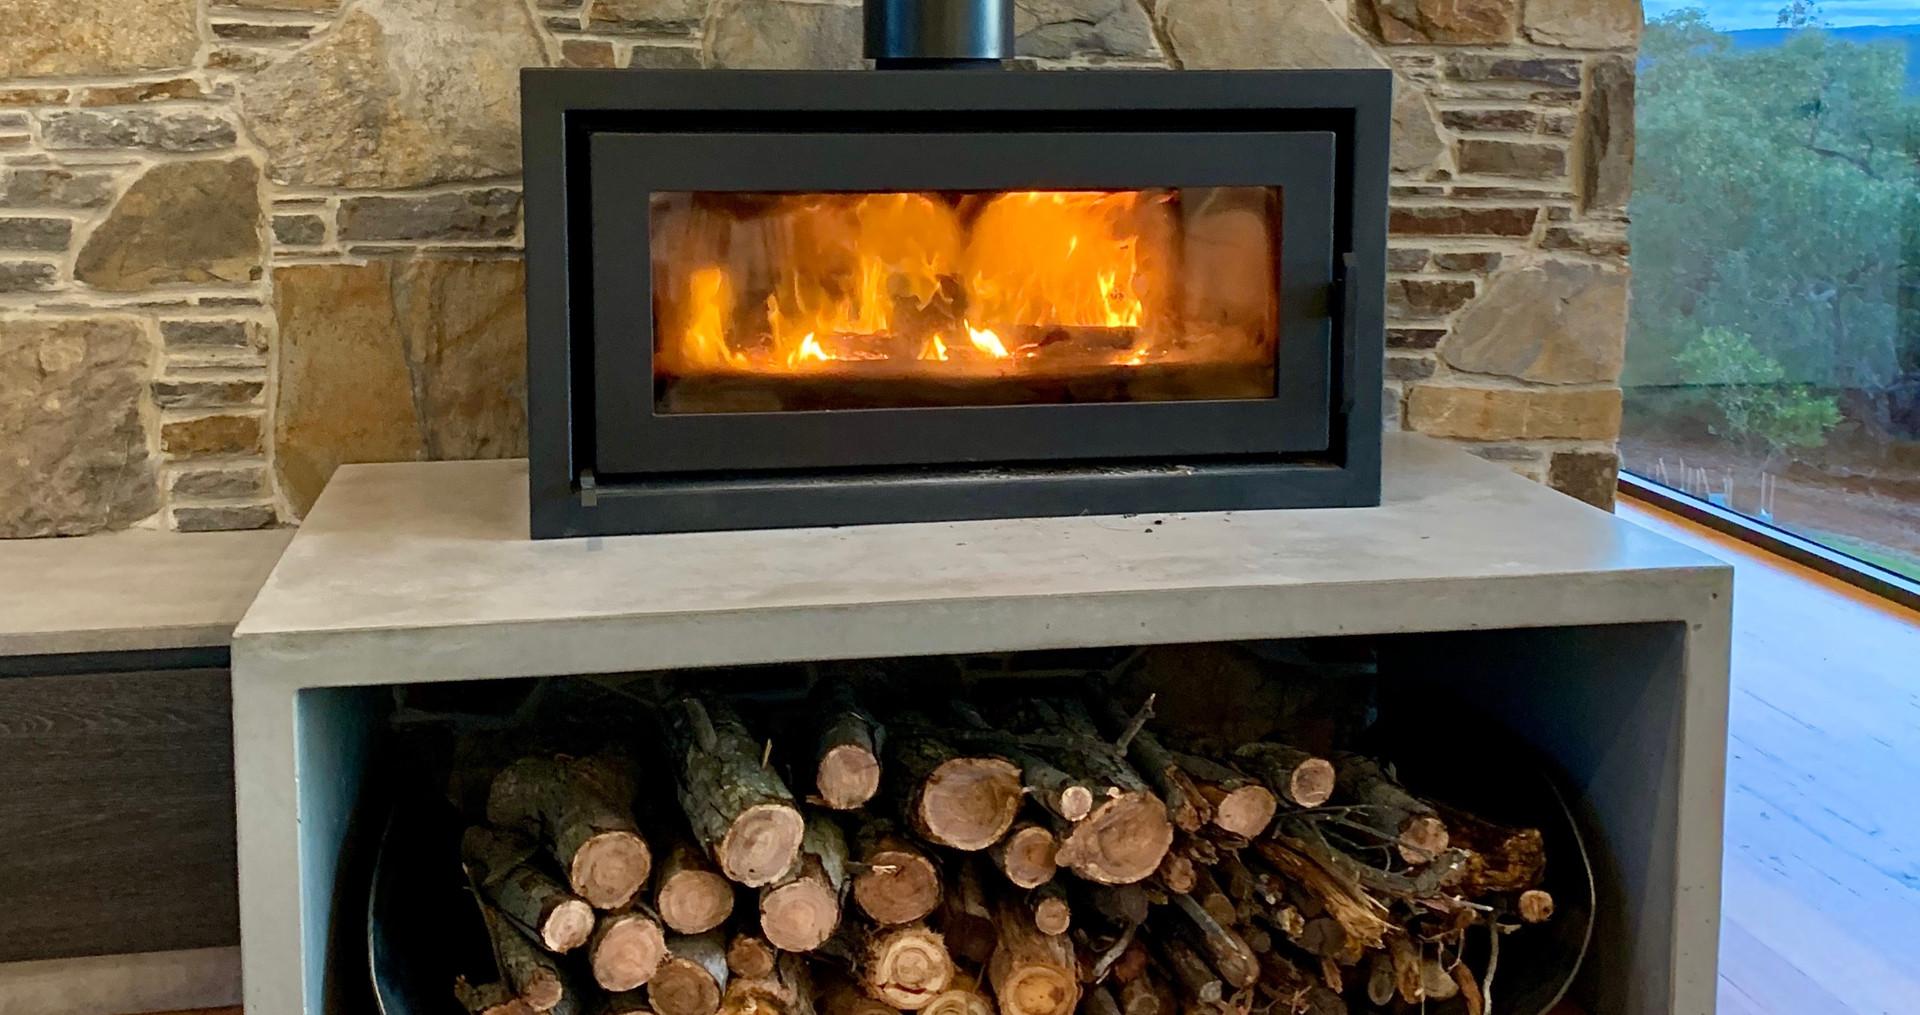 Form Concrete Artisans - Concrete Fire Hearth U-Shape - Airey's Inlet